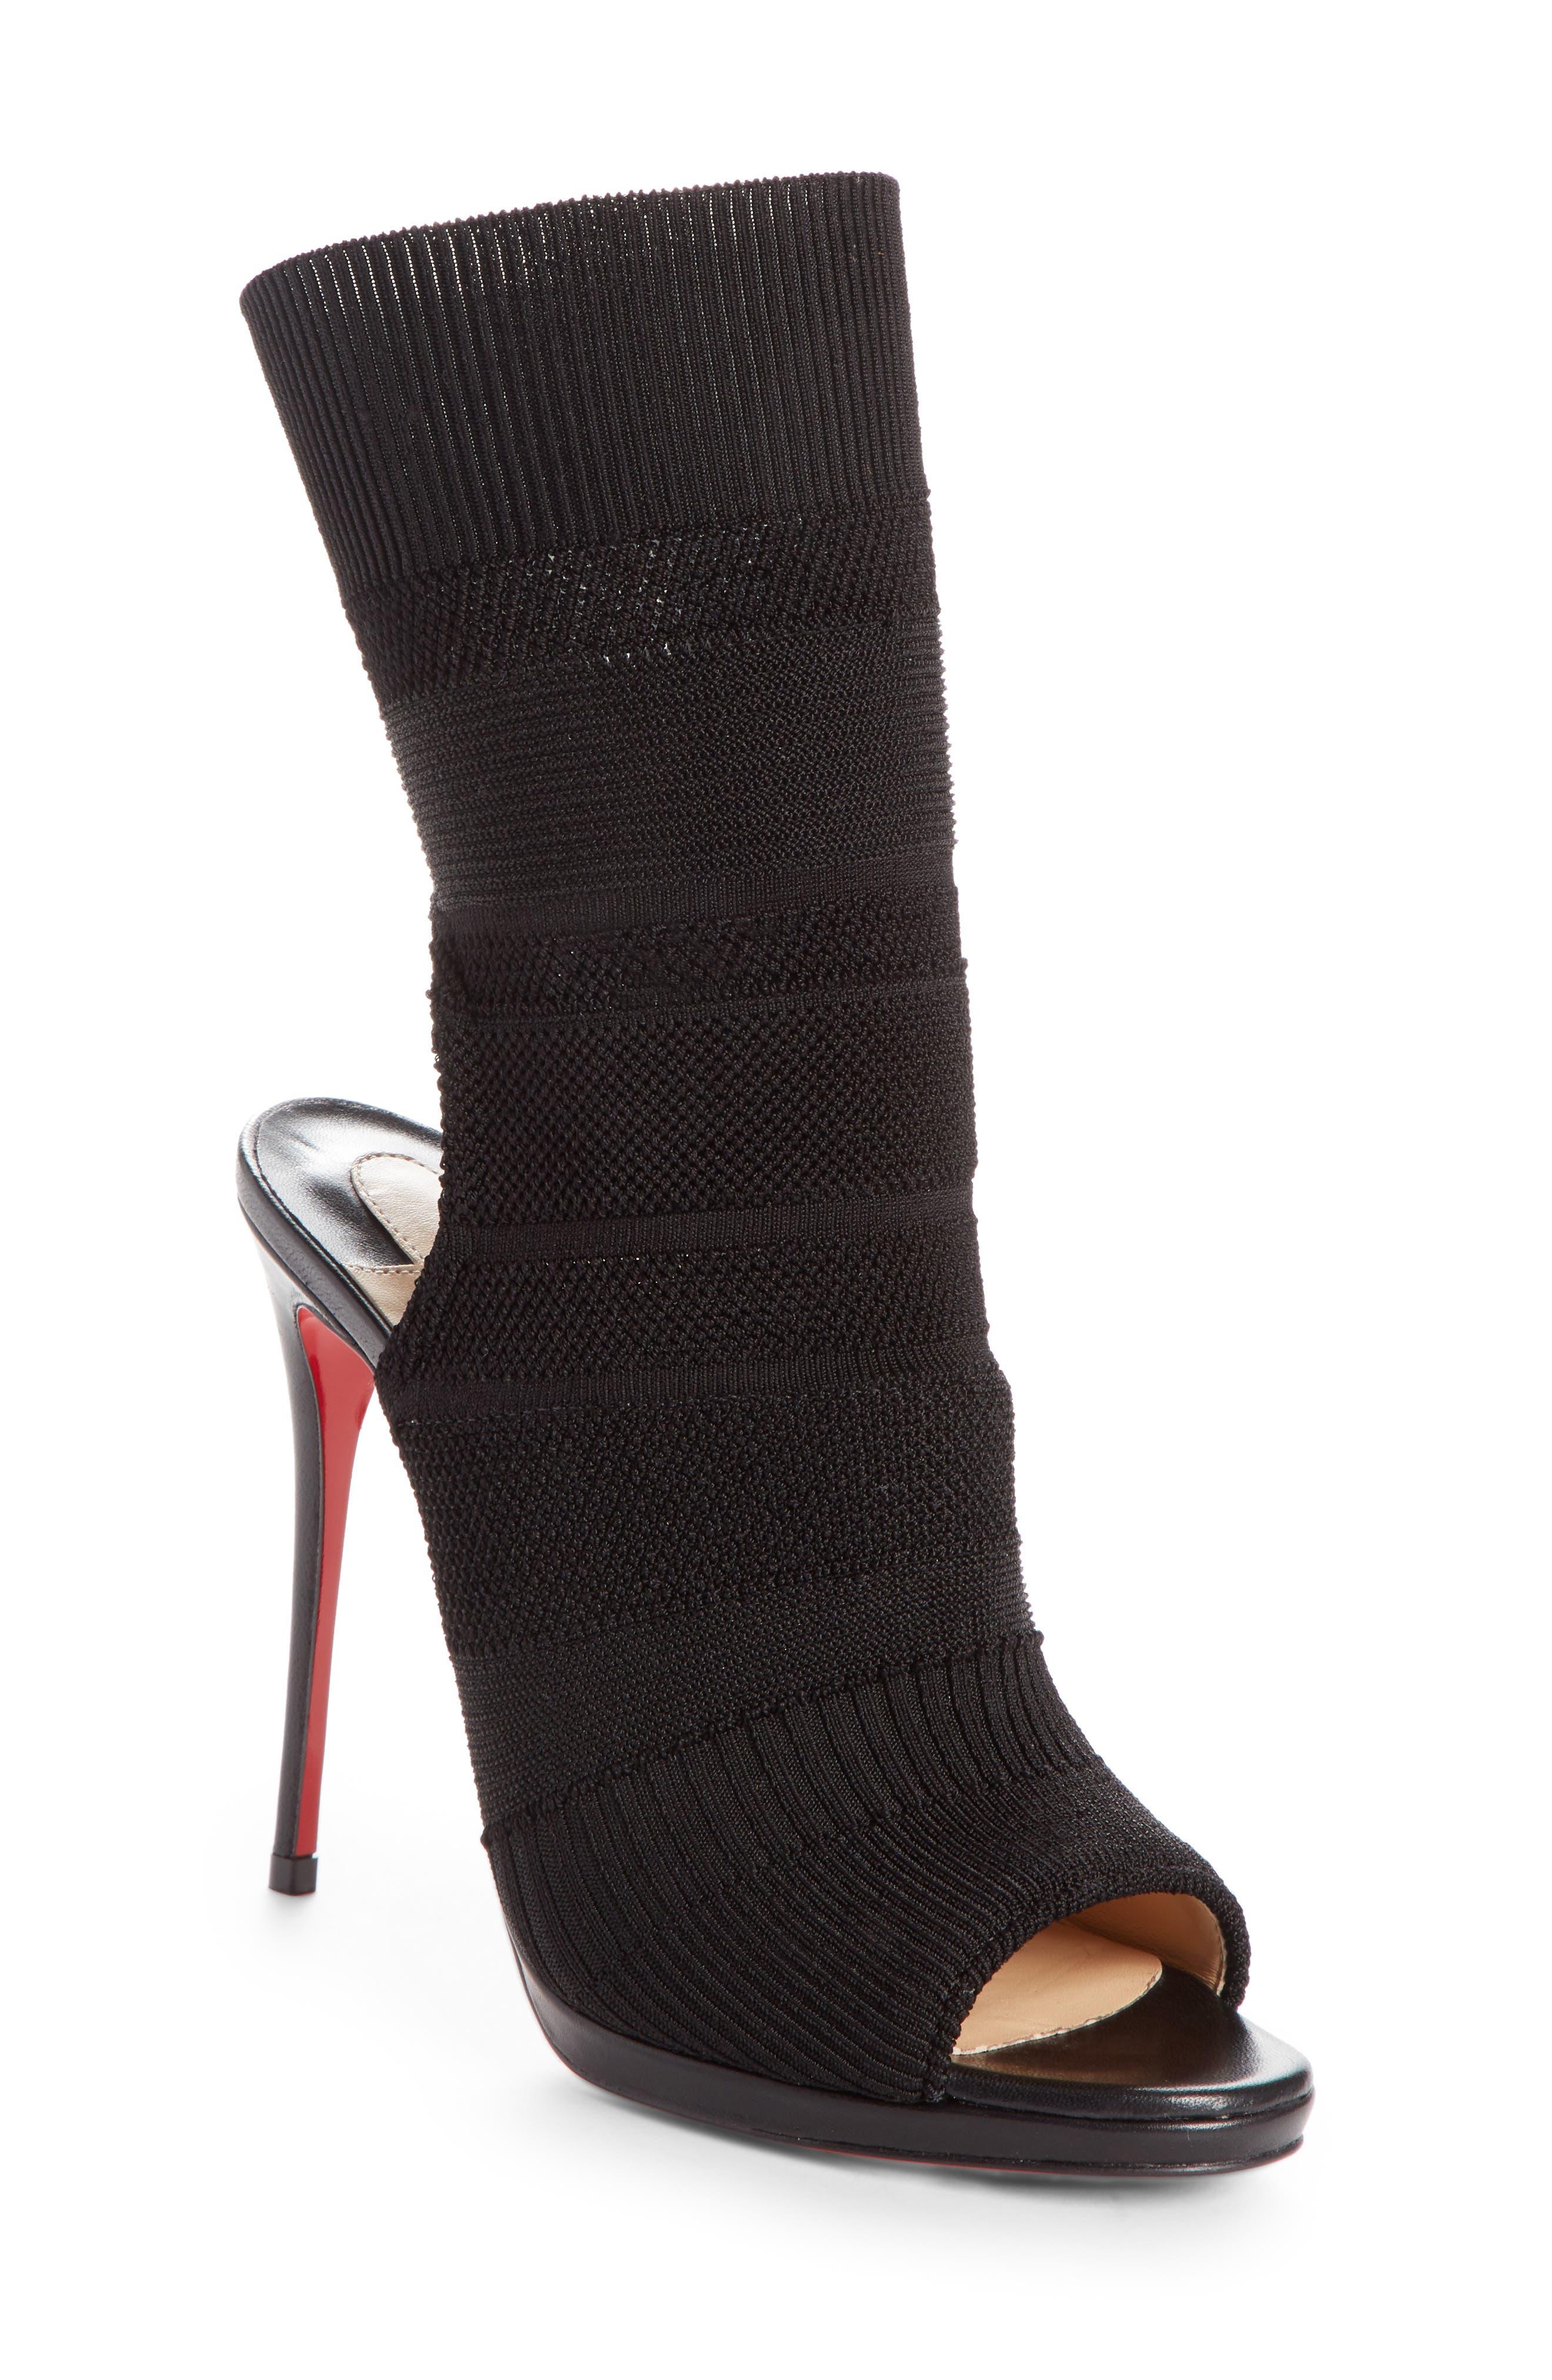 Cheminene Sock Sandal,                         Main,                         color, 001